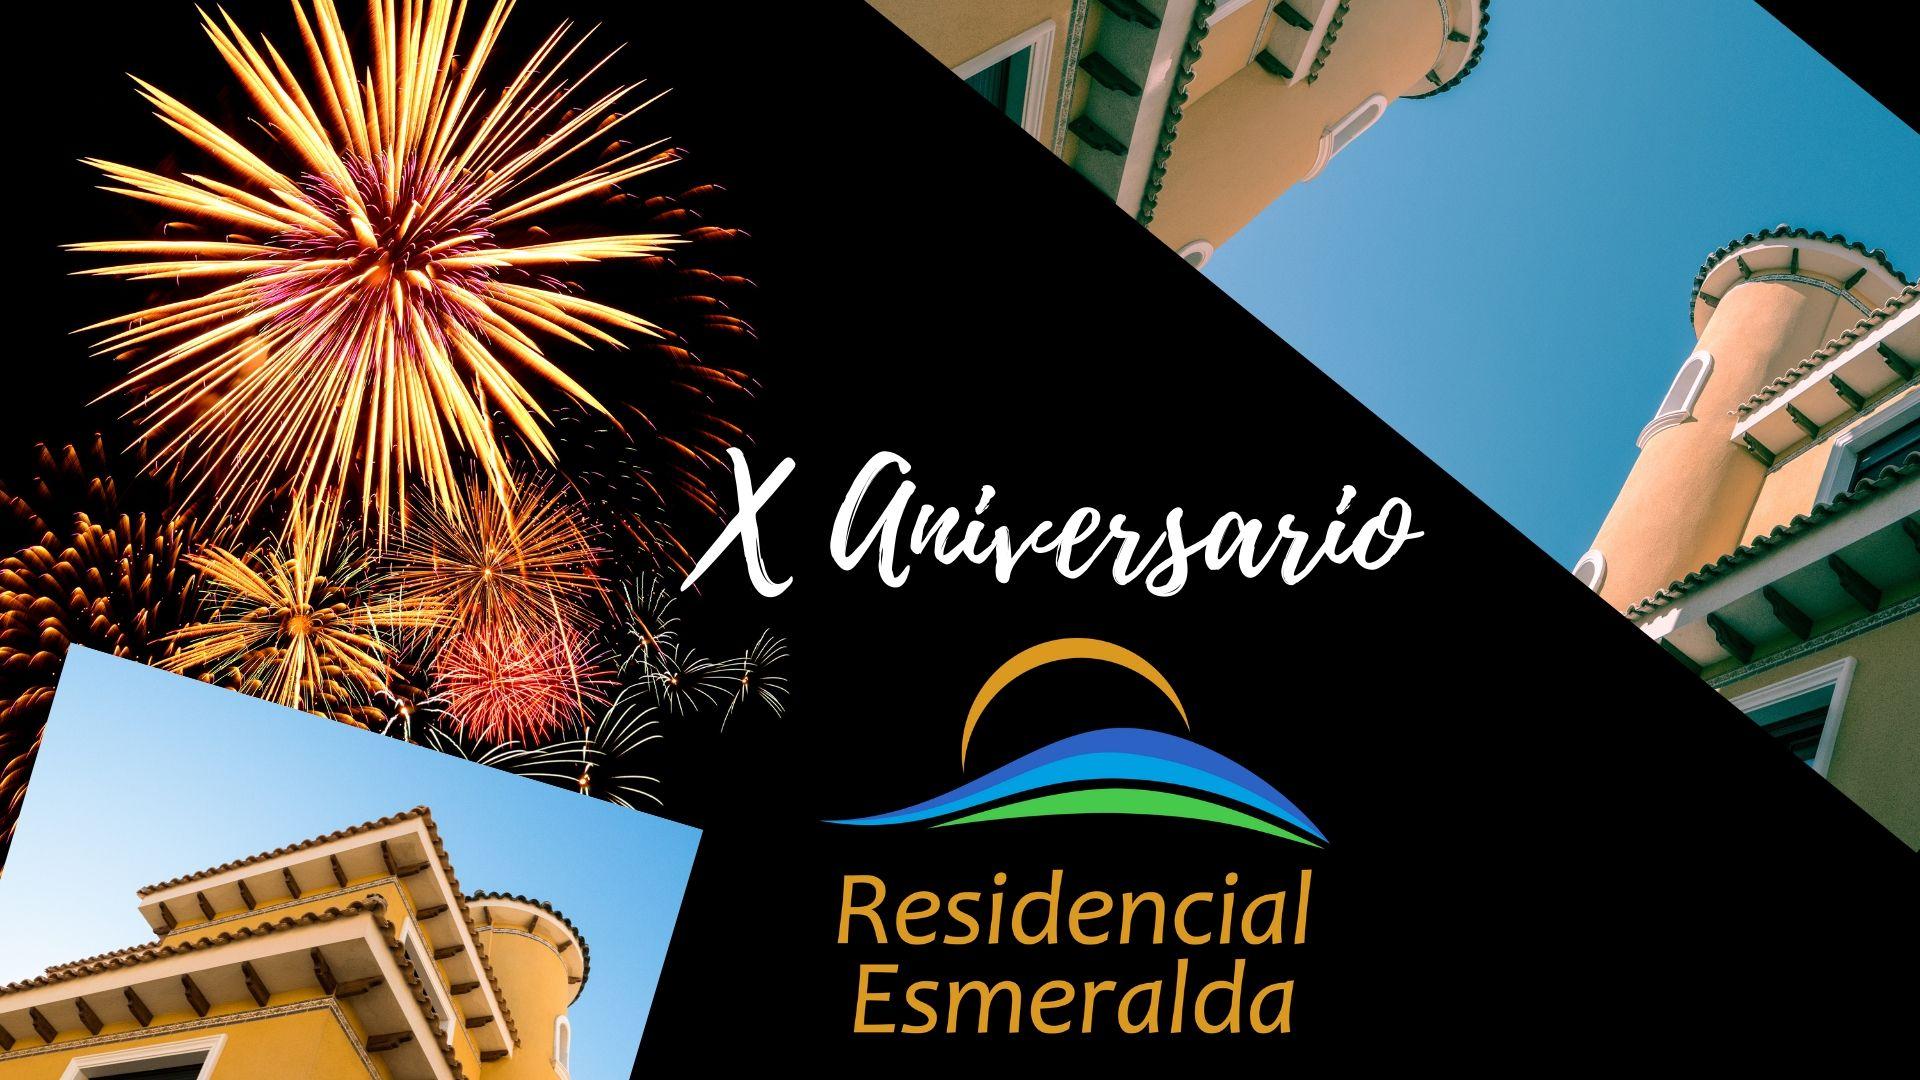 X Aniversario Residencial Esmeralda